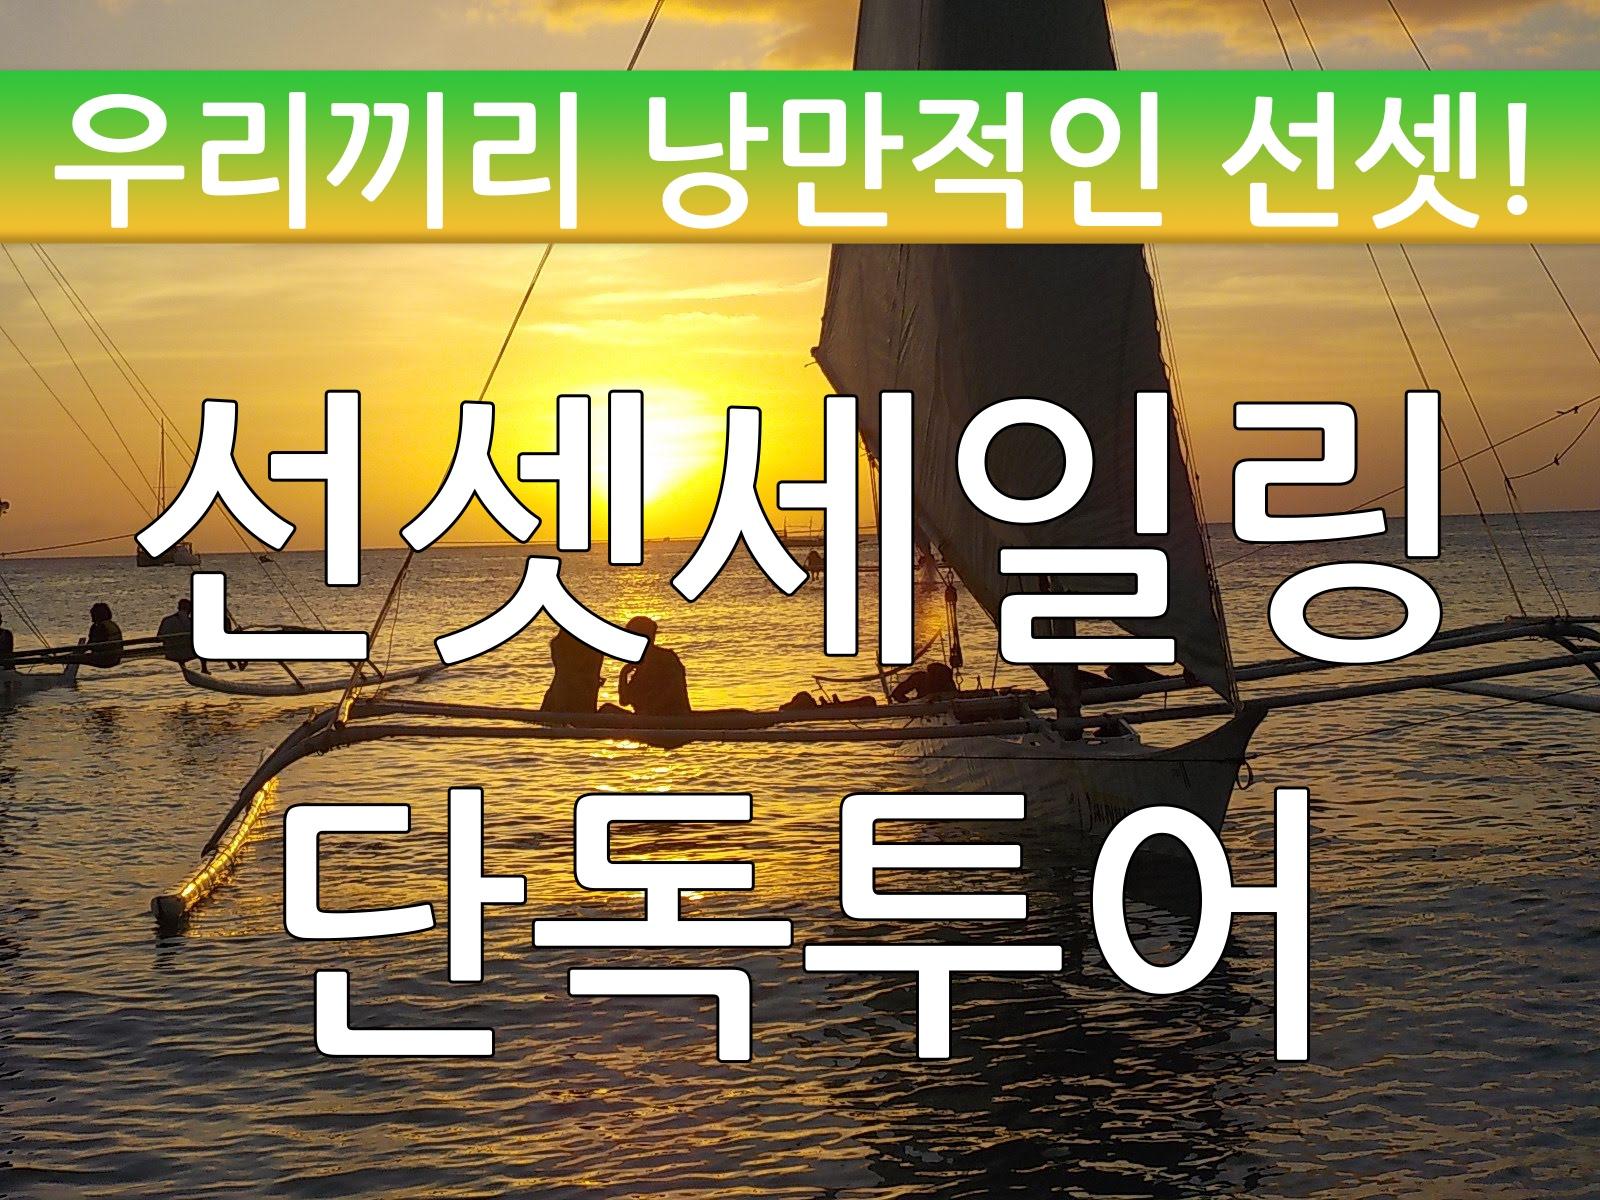 [단독] 선셋세일링 / 파라우 세일링 보트 - 보라카이 환상적인 석양을 만나다!